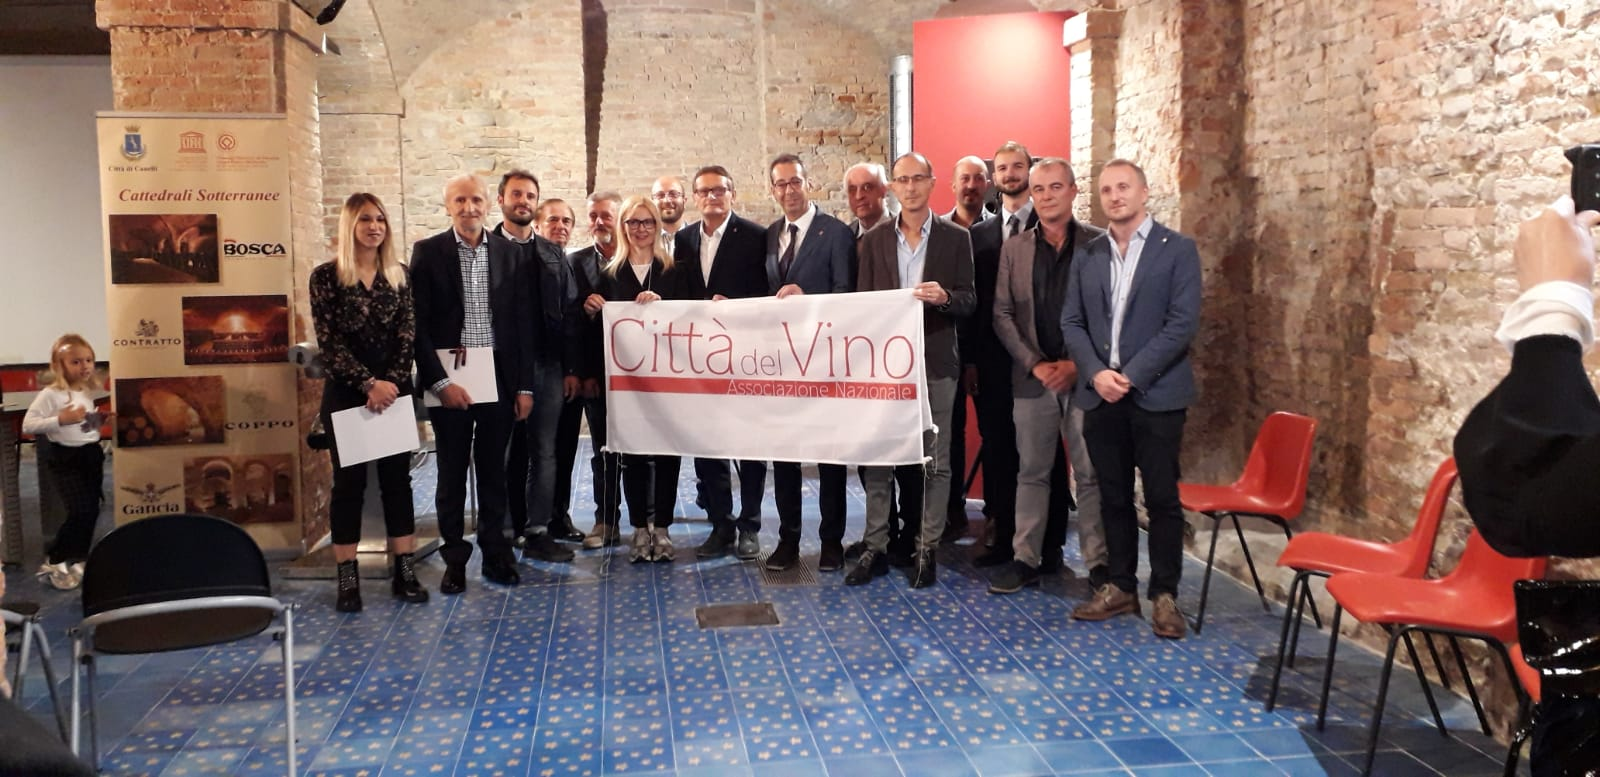 Canelli. Premiate le Aziende Piemontesi del Concorso enologico internazionale Città del Vino